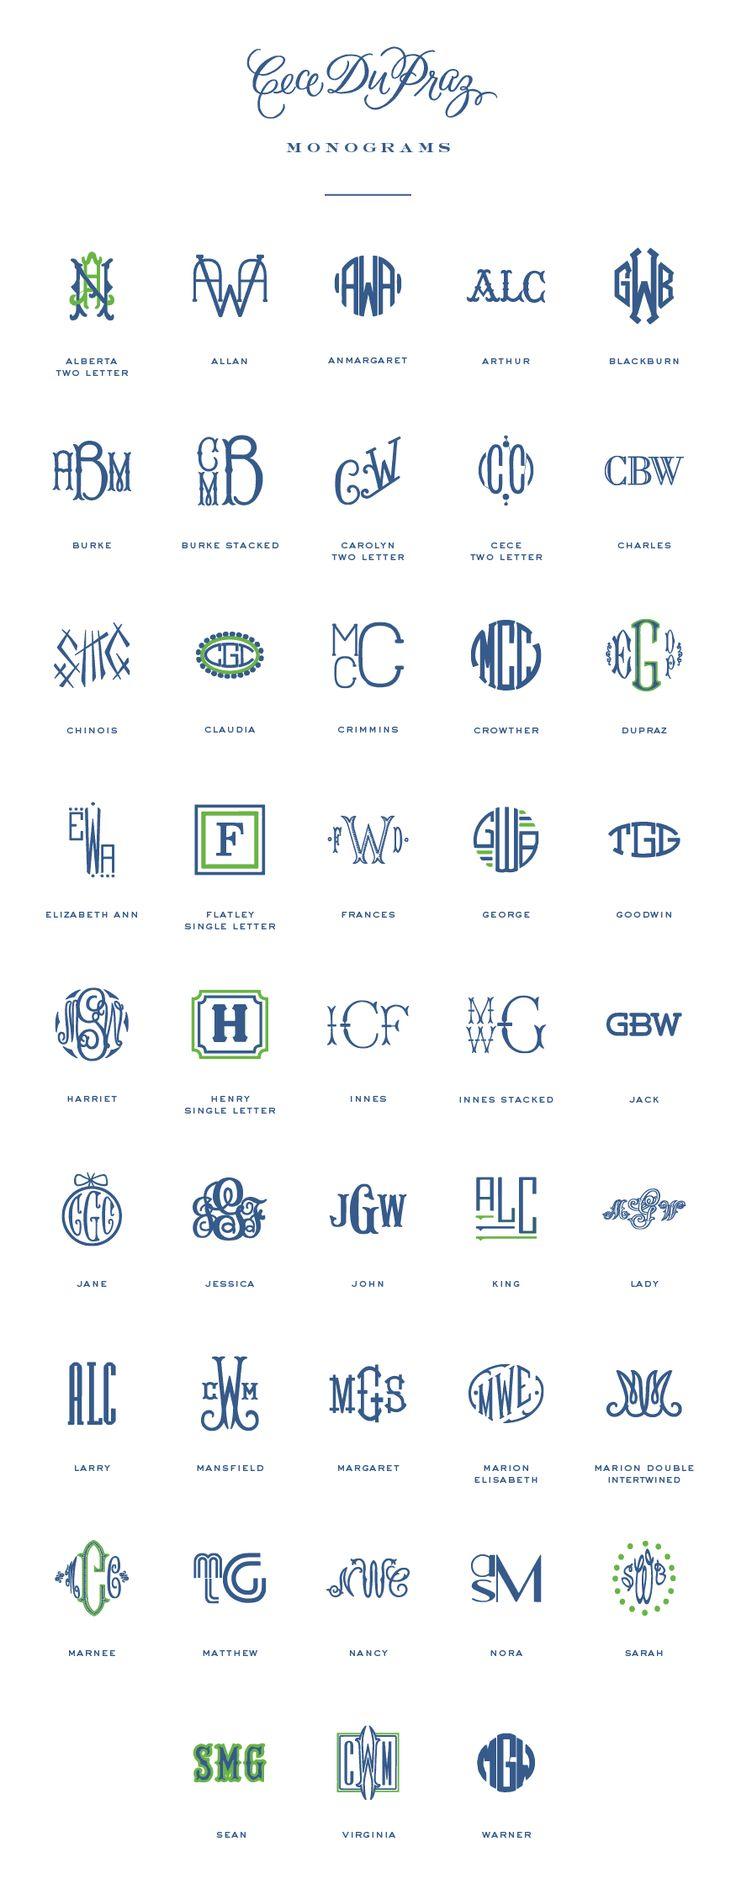 monograms | Cece DuPraz                                                                                                                                                      More